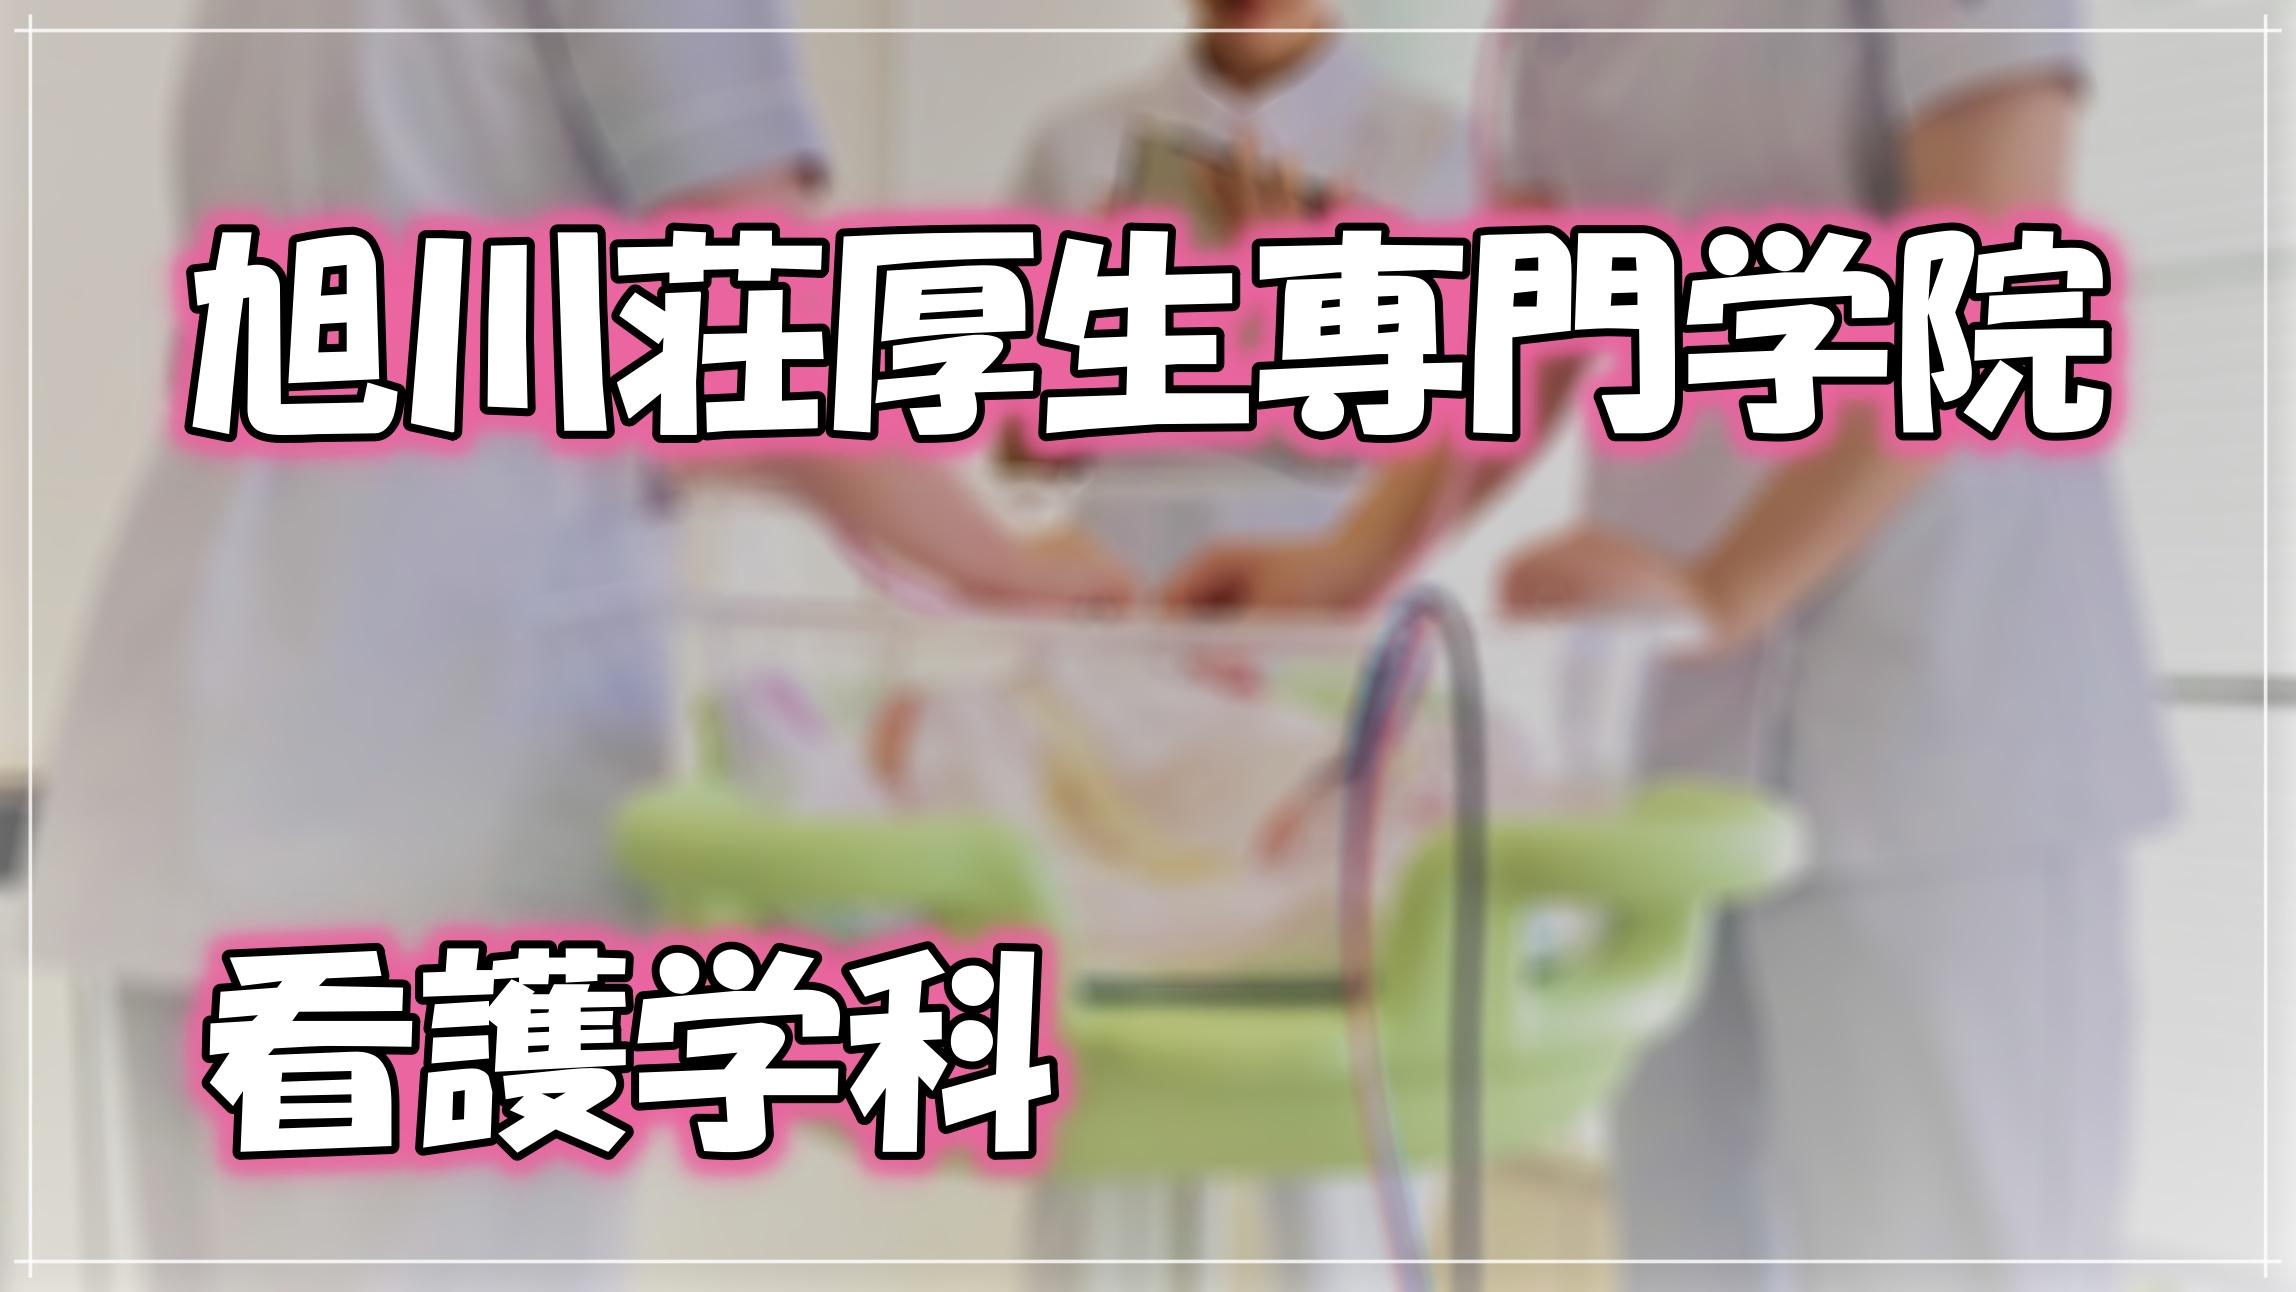 旭川荘厚生専門学院 看護学科